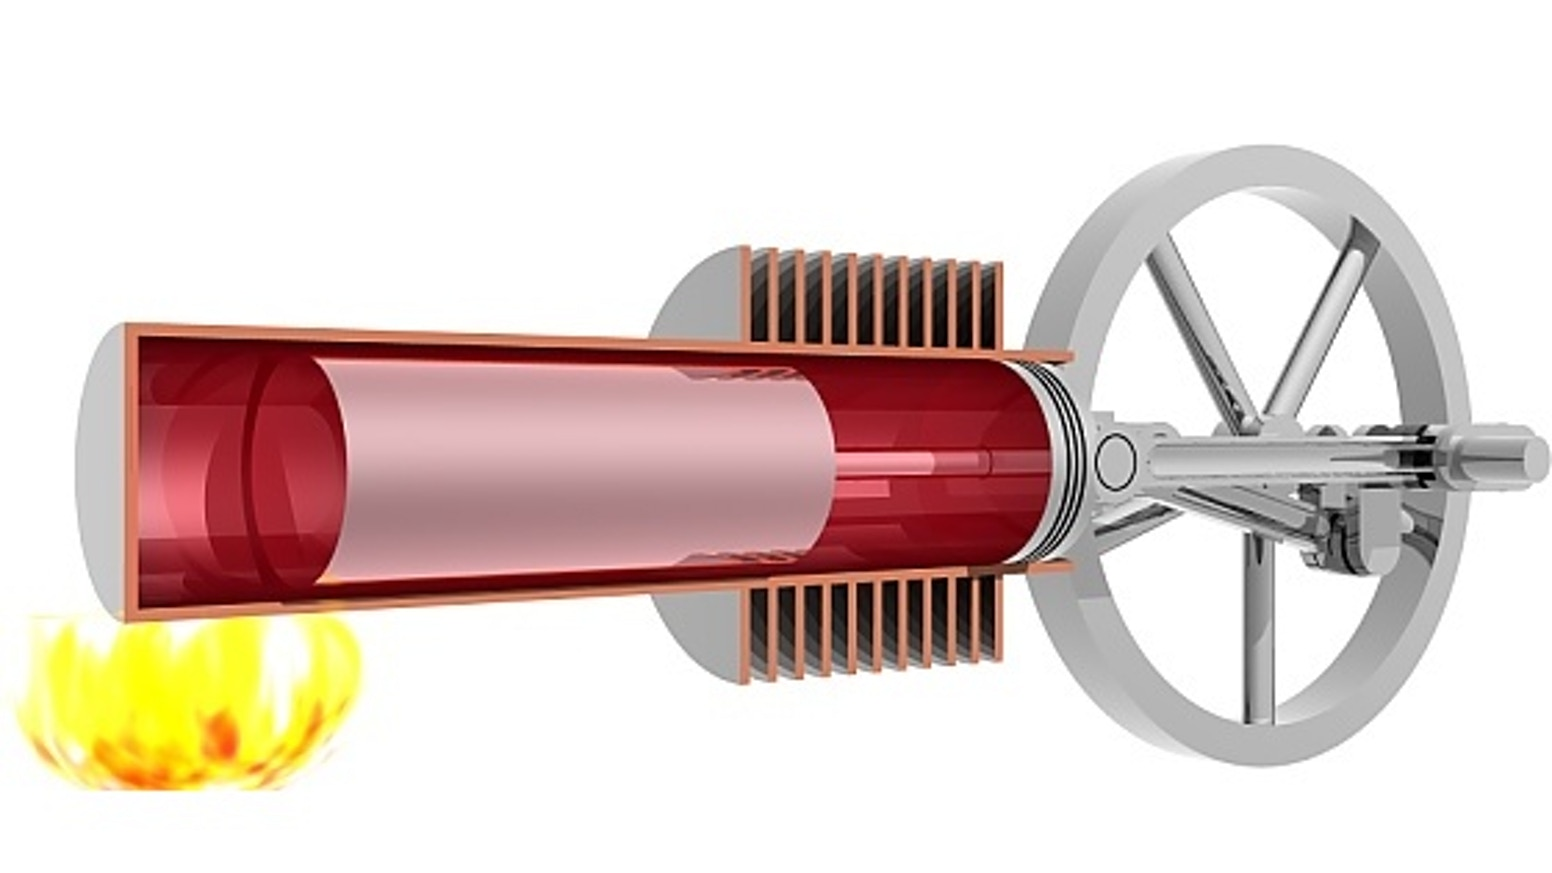 Low Cost Stirling Engine by Tim Sefton — Kickstarter